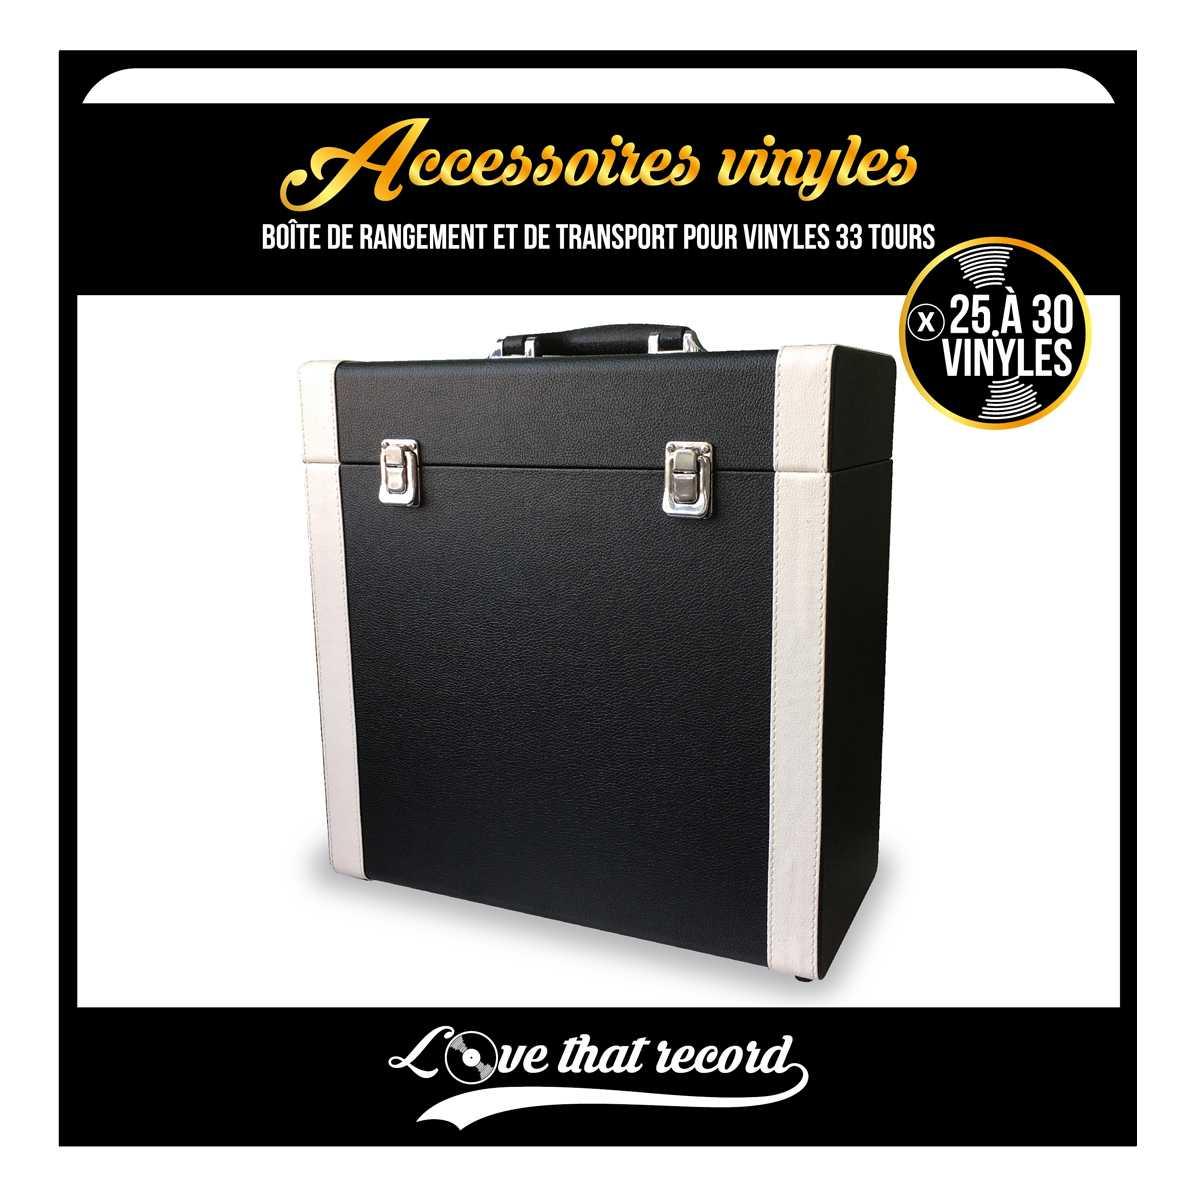 boite de rangement retro noir emplacement pour 25 a 30 vinyles noriak. Black Bedroom Furniture Sets. Home Design Ideas